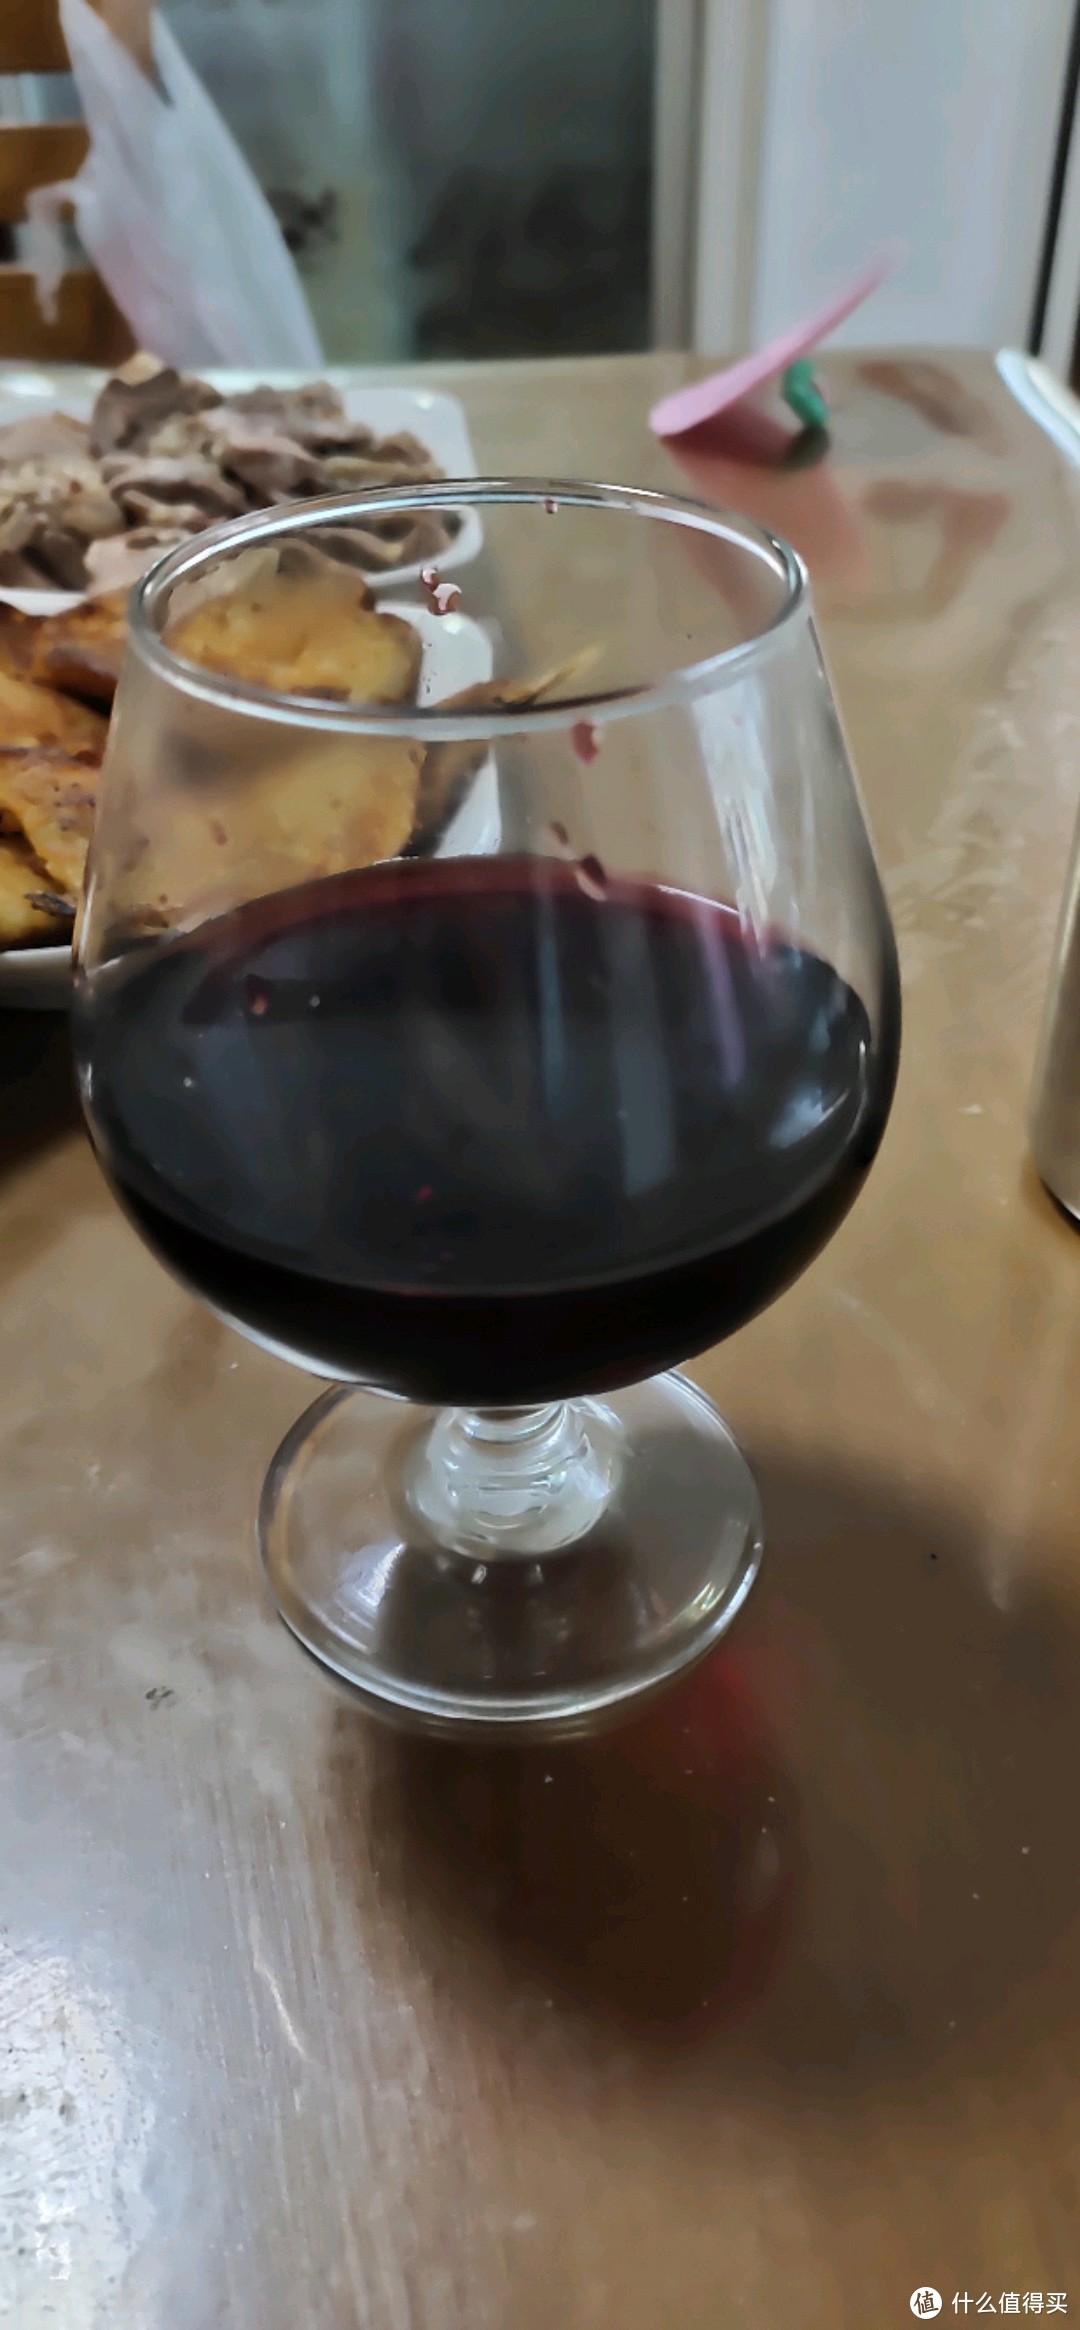 马尔贝克和西拉组合如何?618收入阿根廷足协官方赞助商fecovita旗下葡萄酒简评